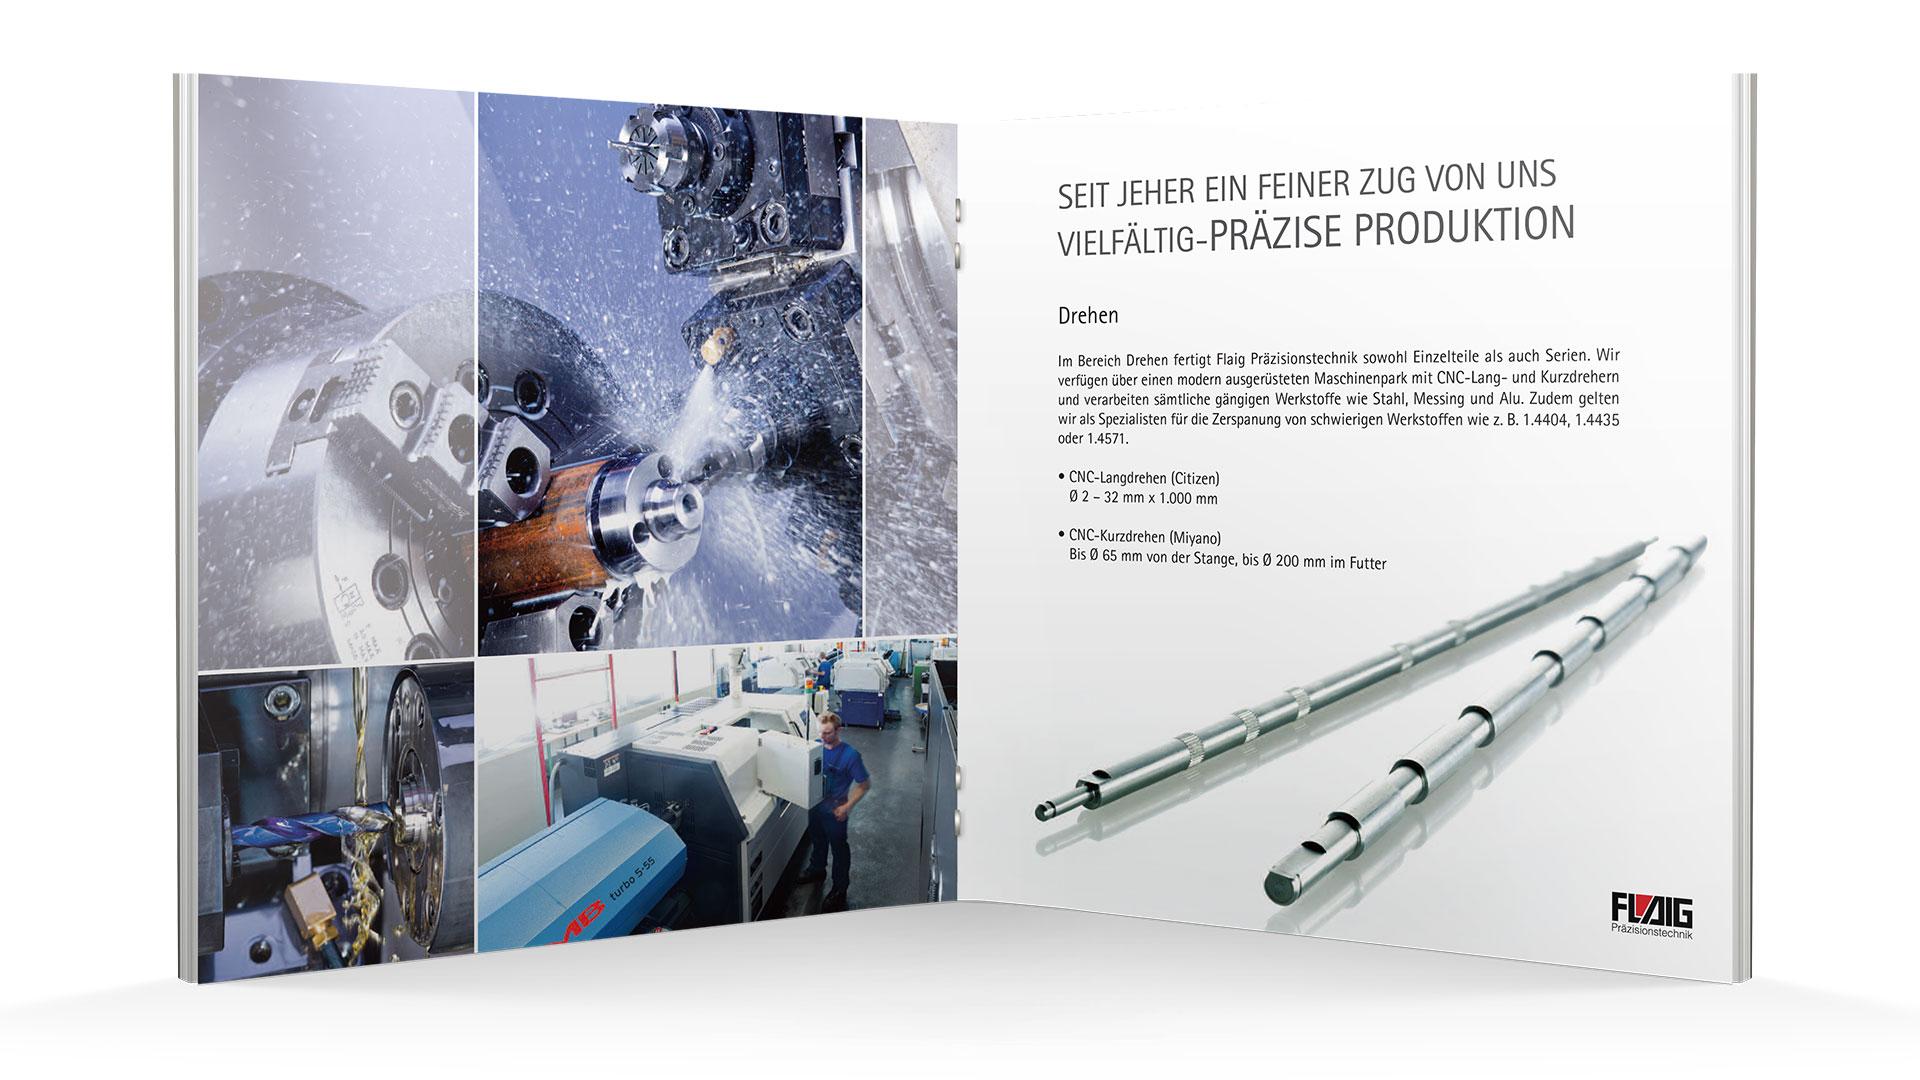 Flaig Präzisionstechnik GmbH & Co. KG